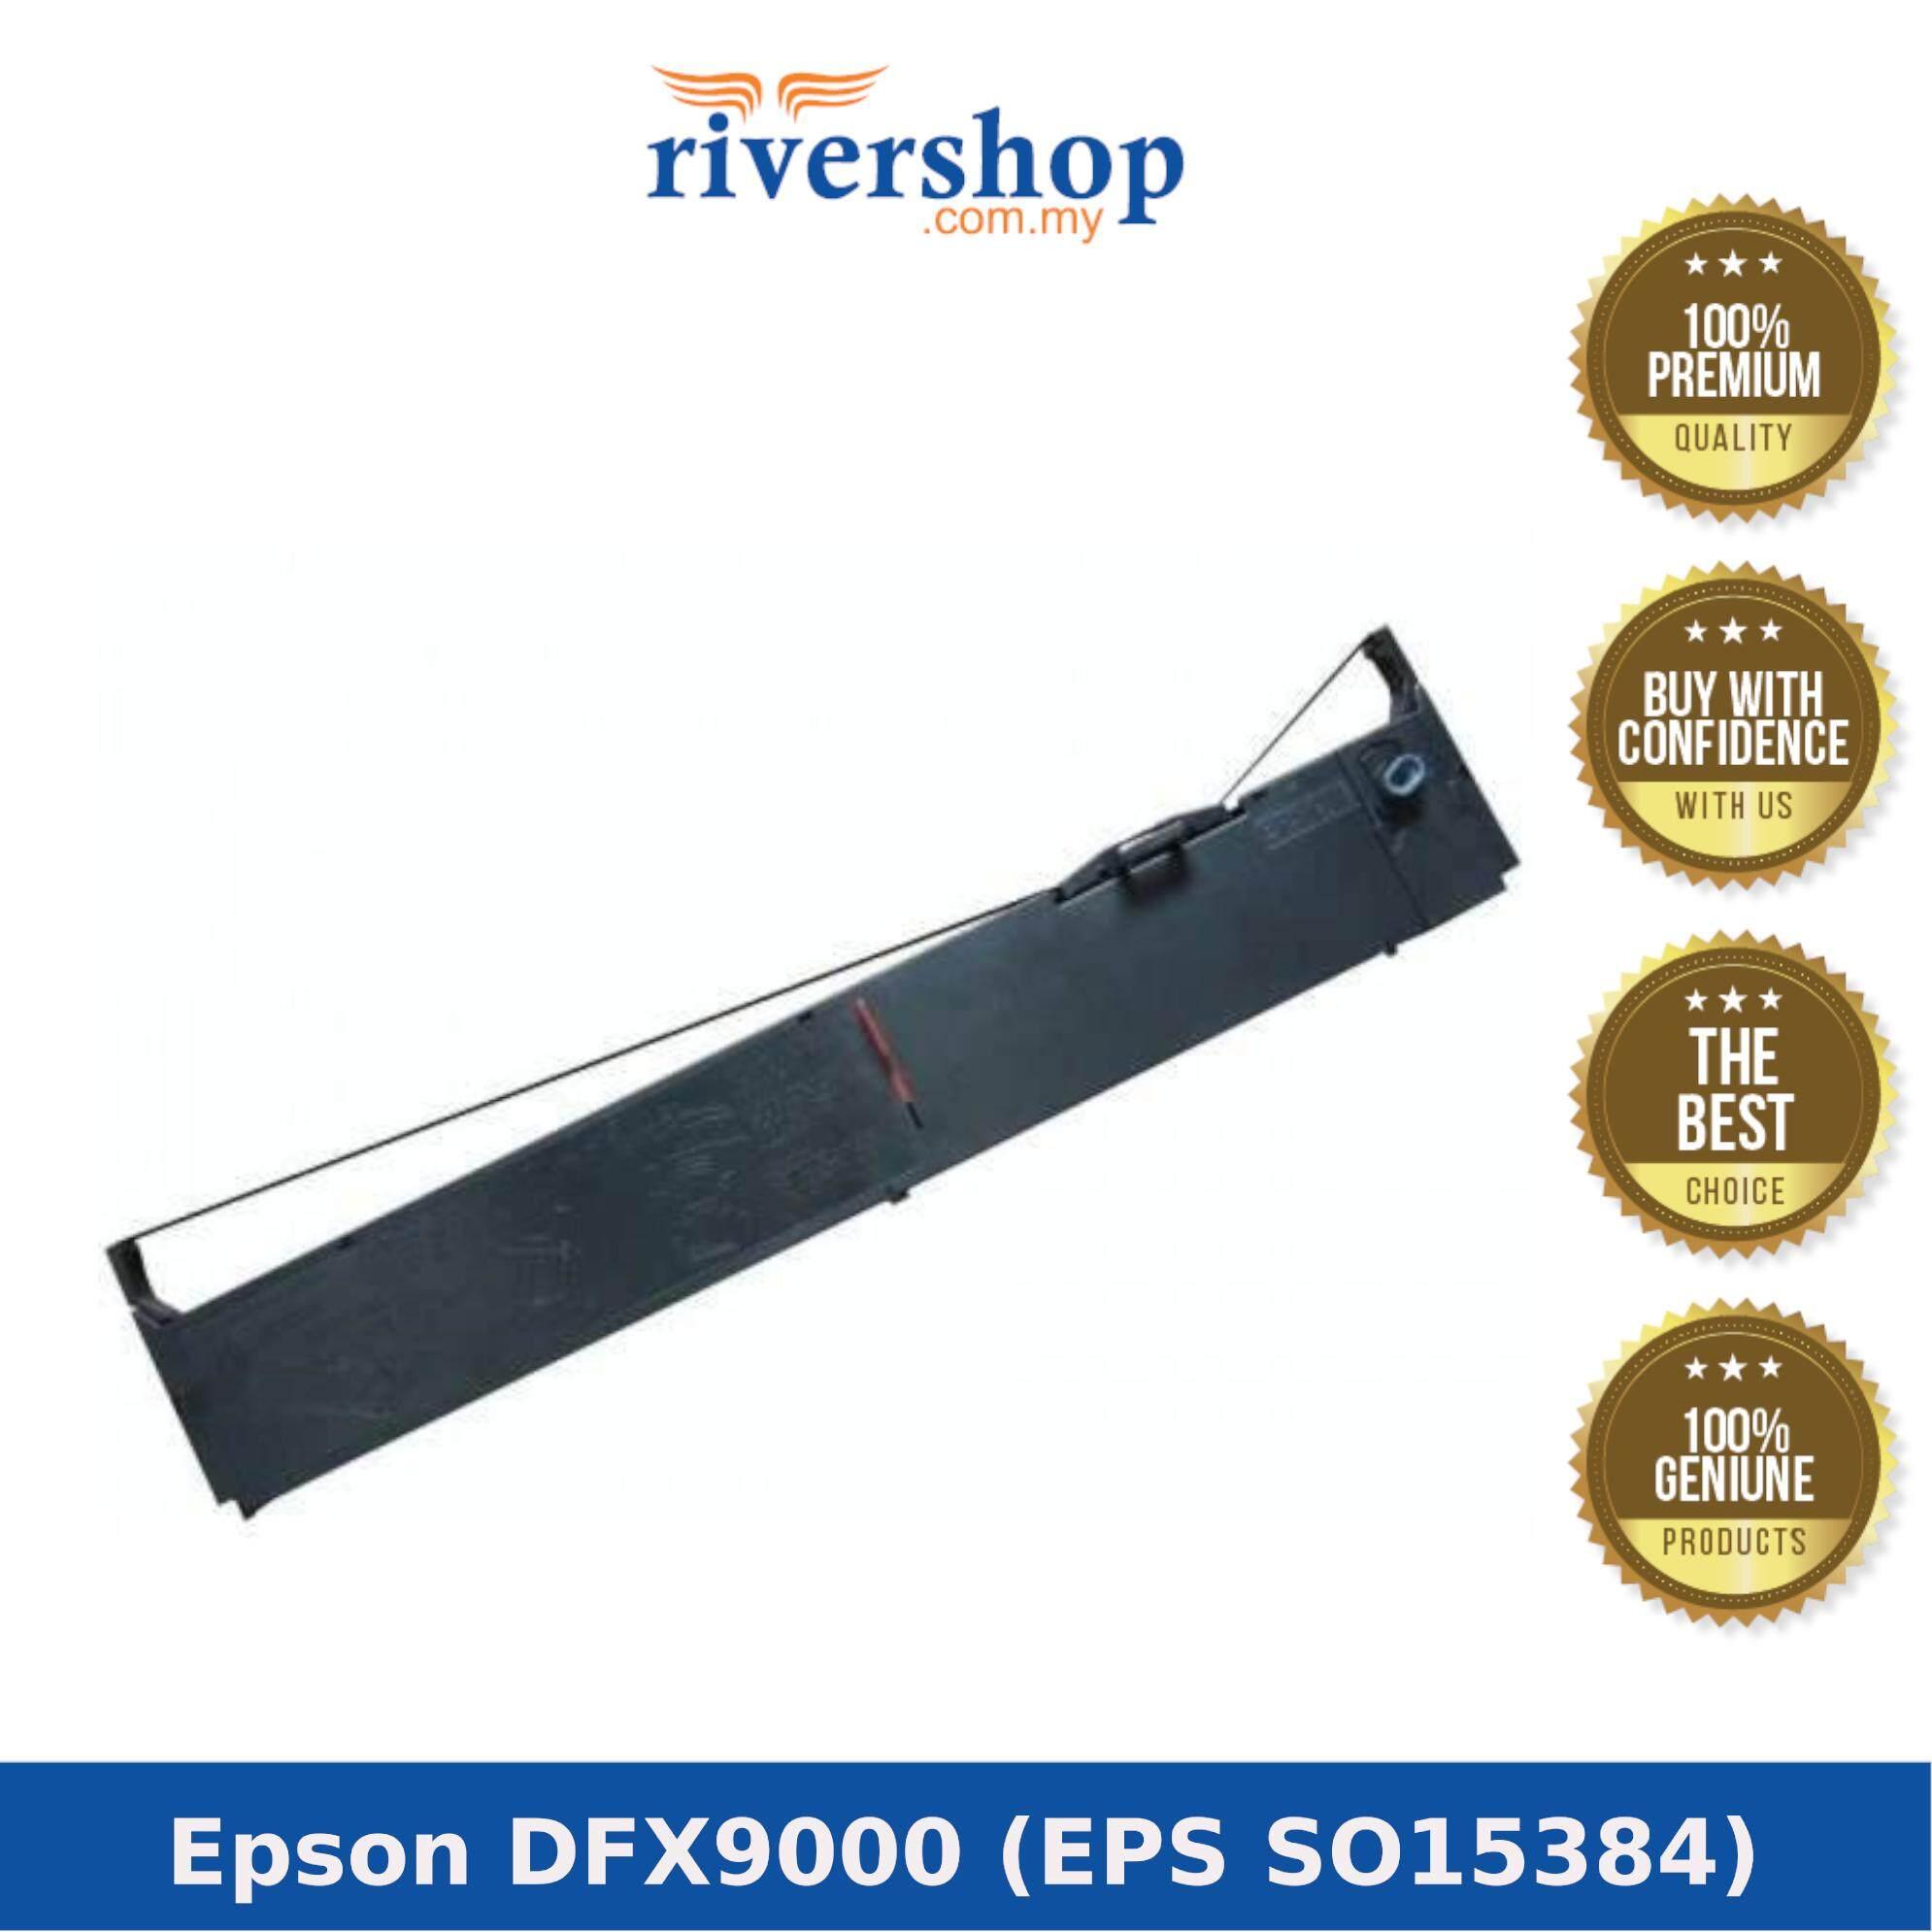 Epson DFX9000 (EPS SO15384)